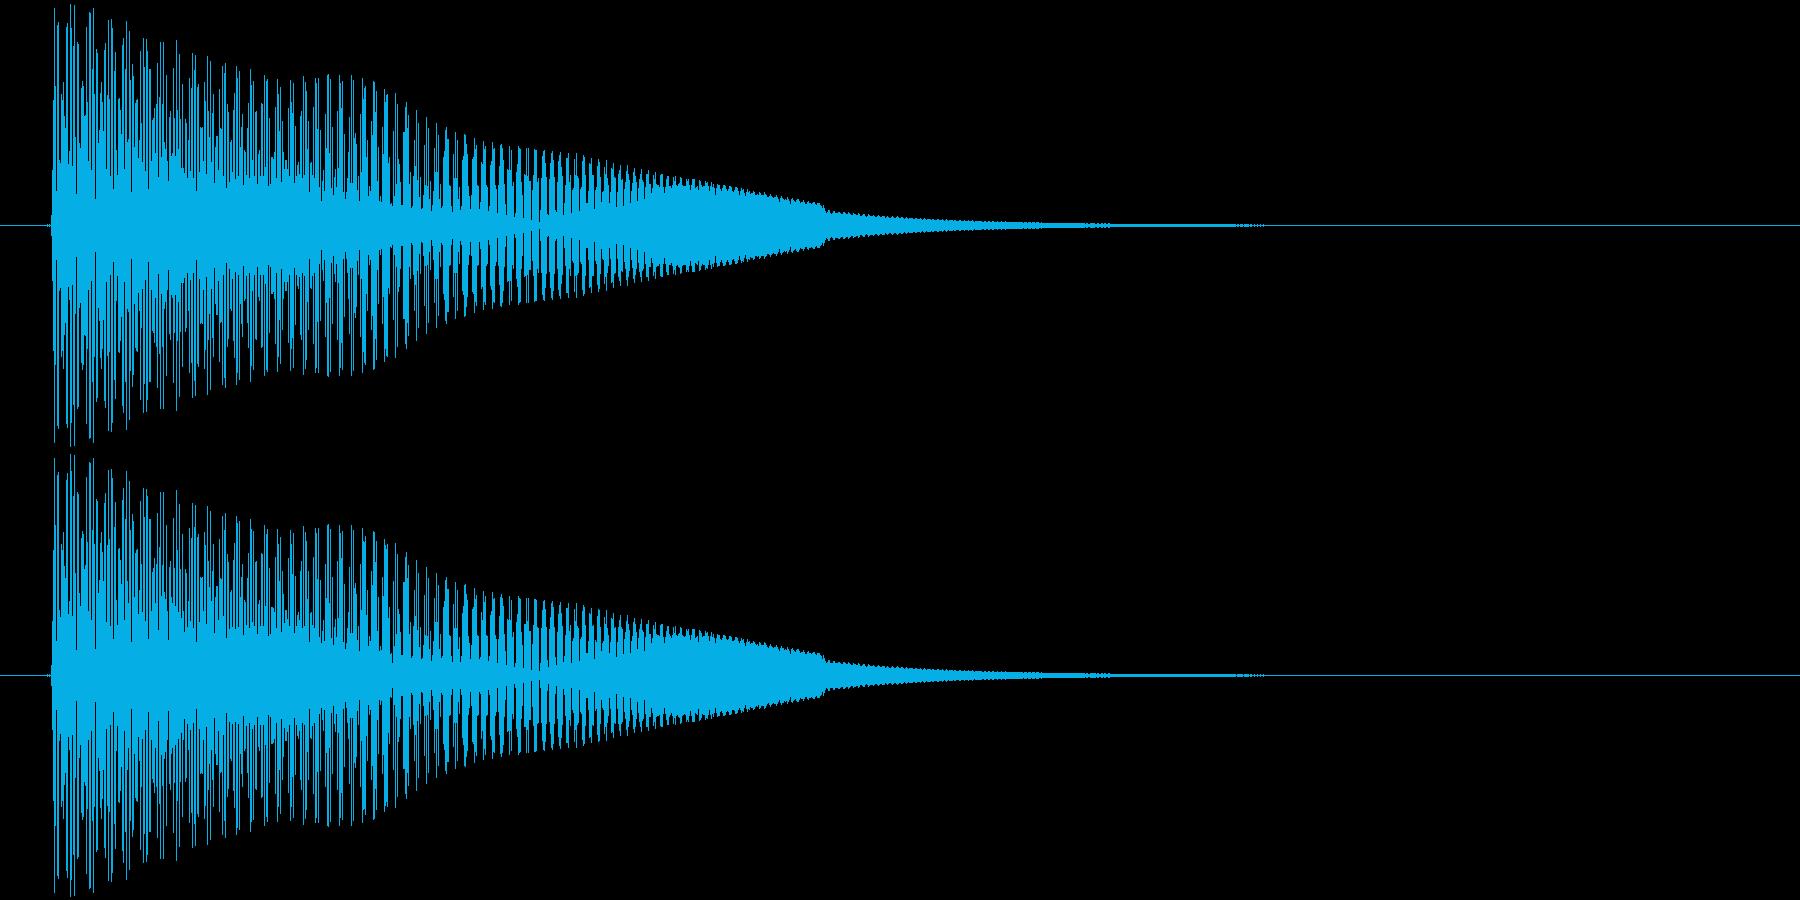 ピョオーン ジャンプなど上昇音の再生済みの波形